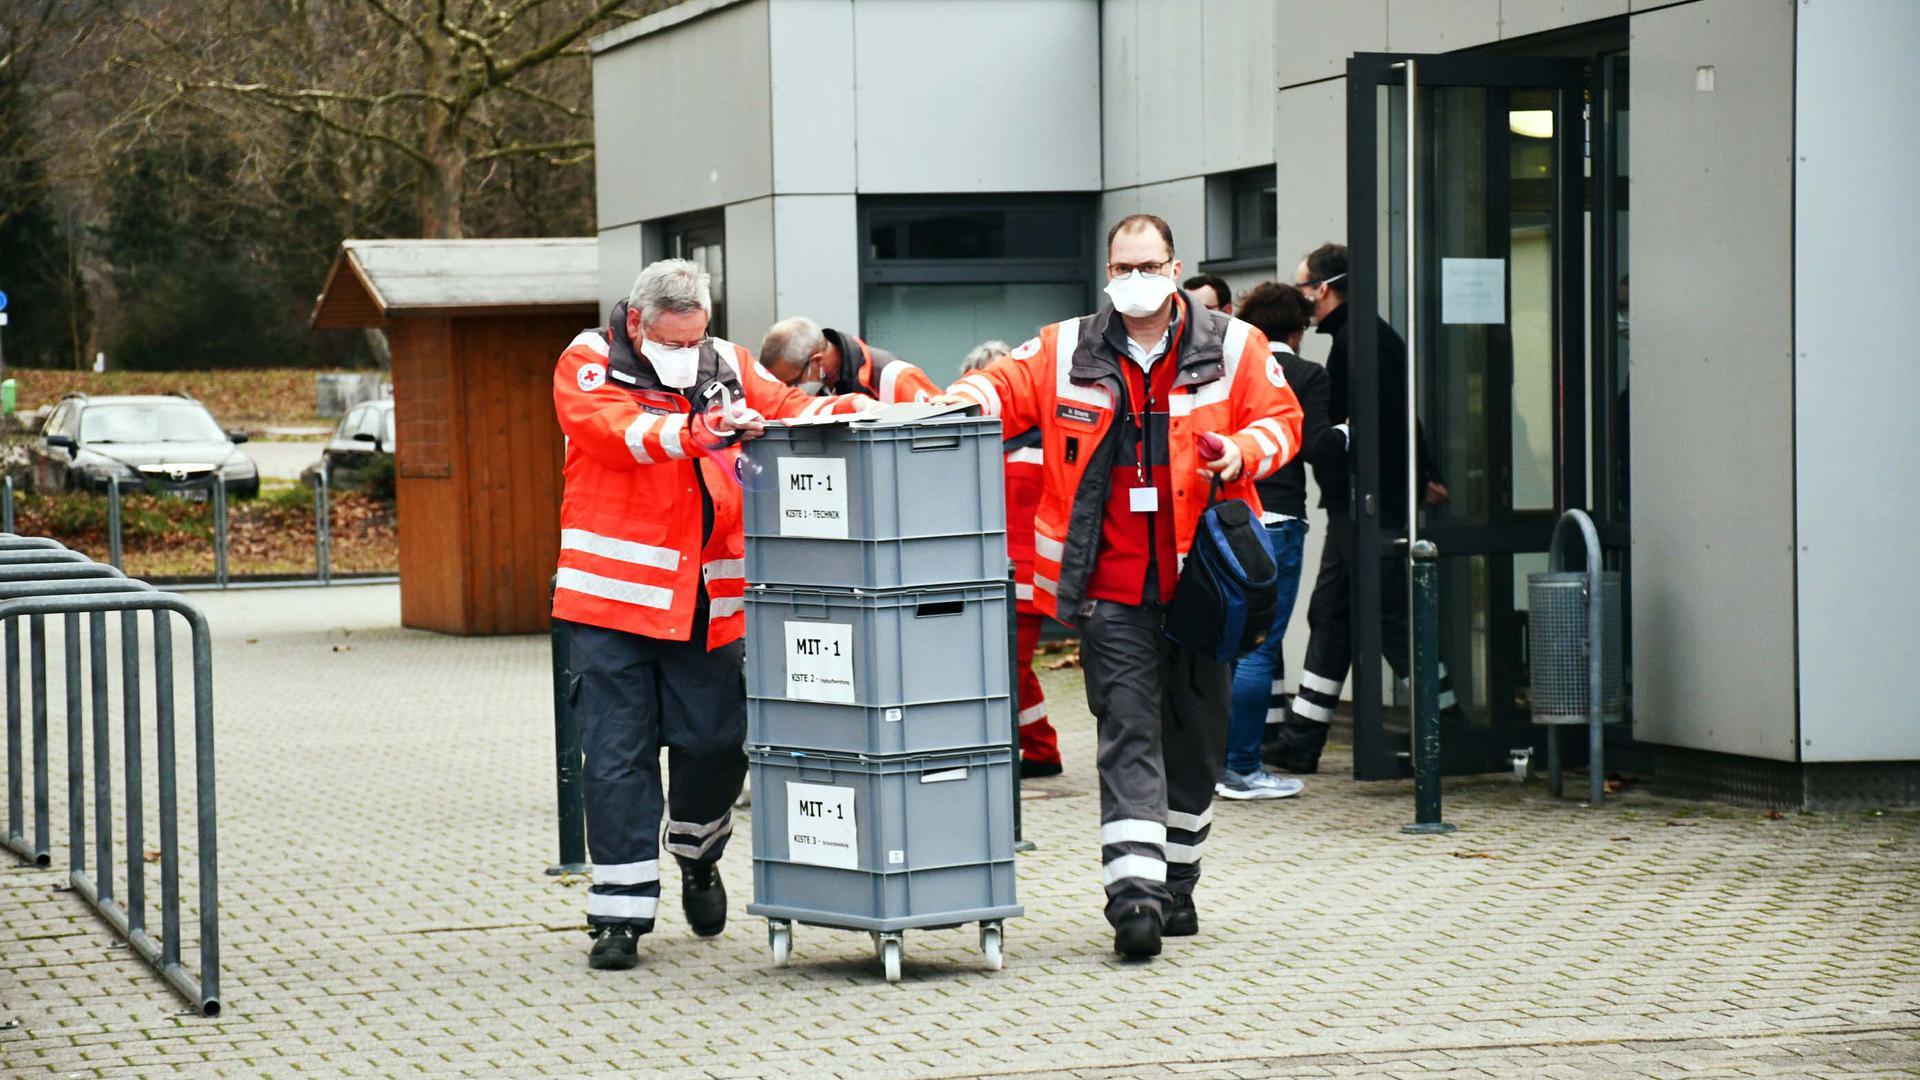 Start mobile Impfung: Vor dem Impfzentrum in der Schwarzwaldhalle Bühl machte sich das mobile Corona-Impfteam zu seinem ersten Einsatz im Seniorenzentrum Bühlertal auf den Weg.